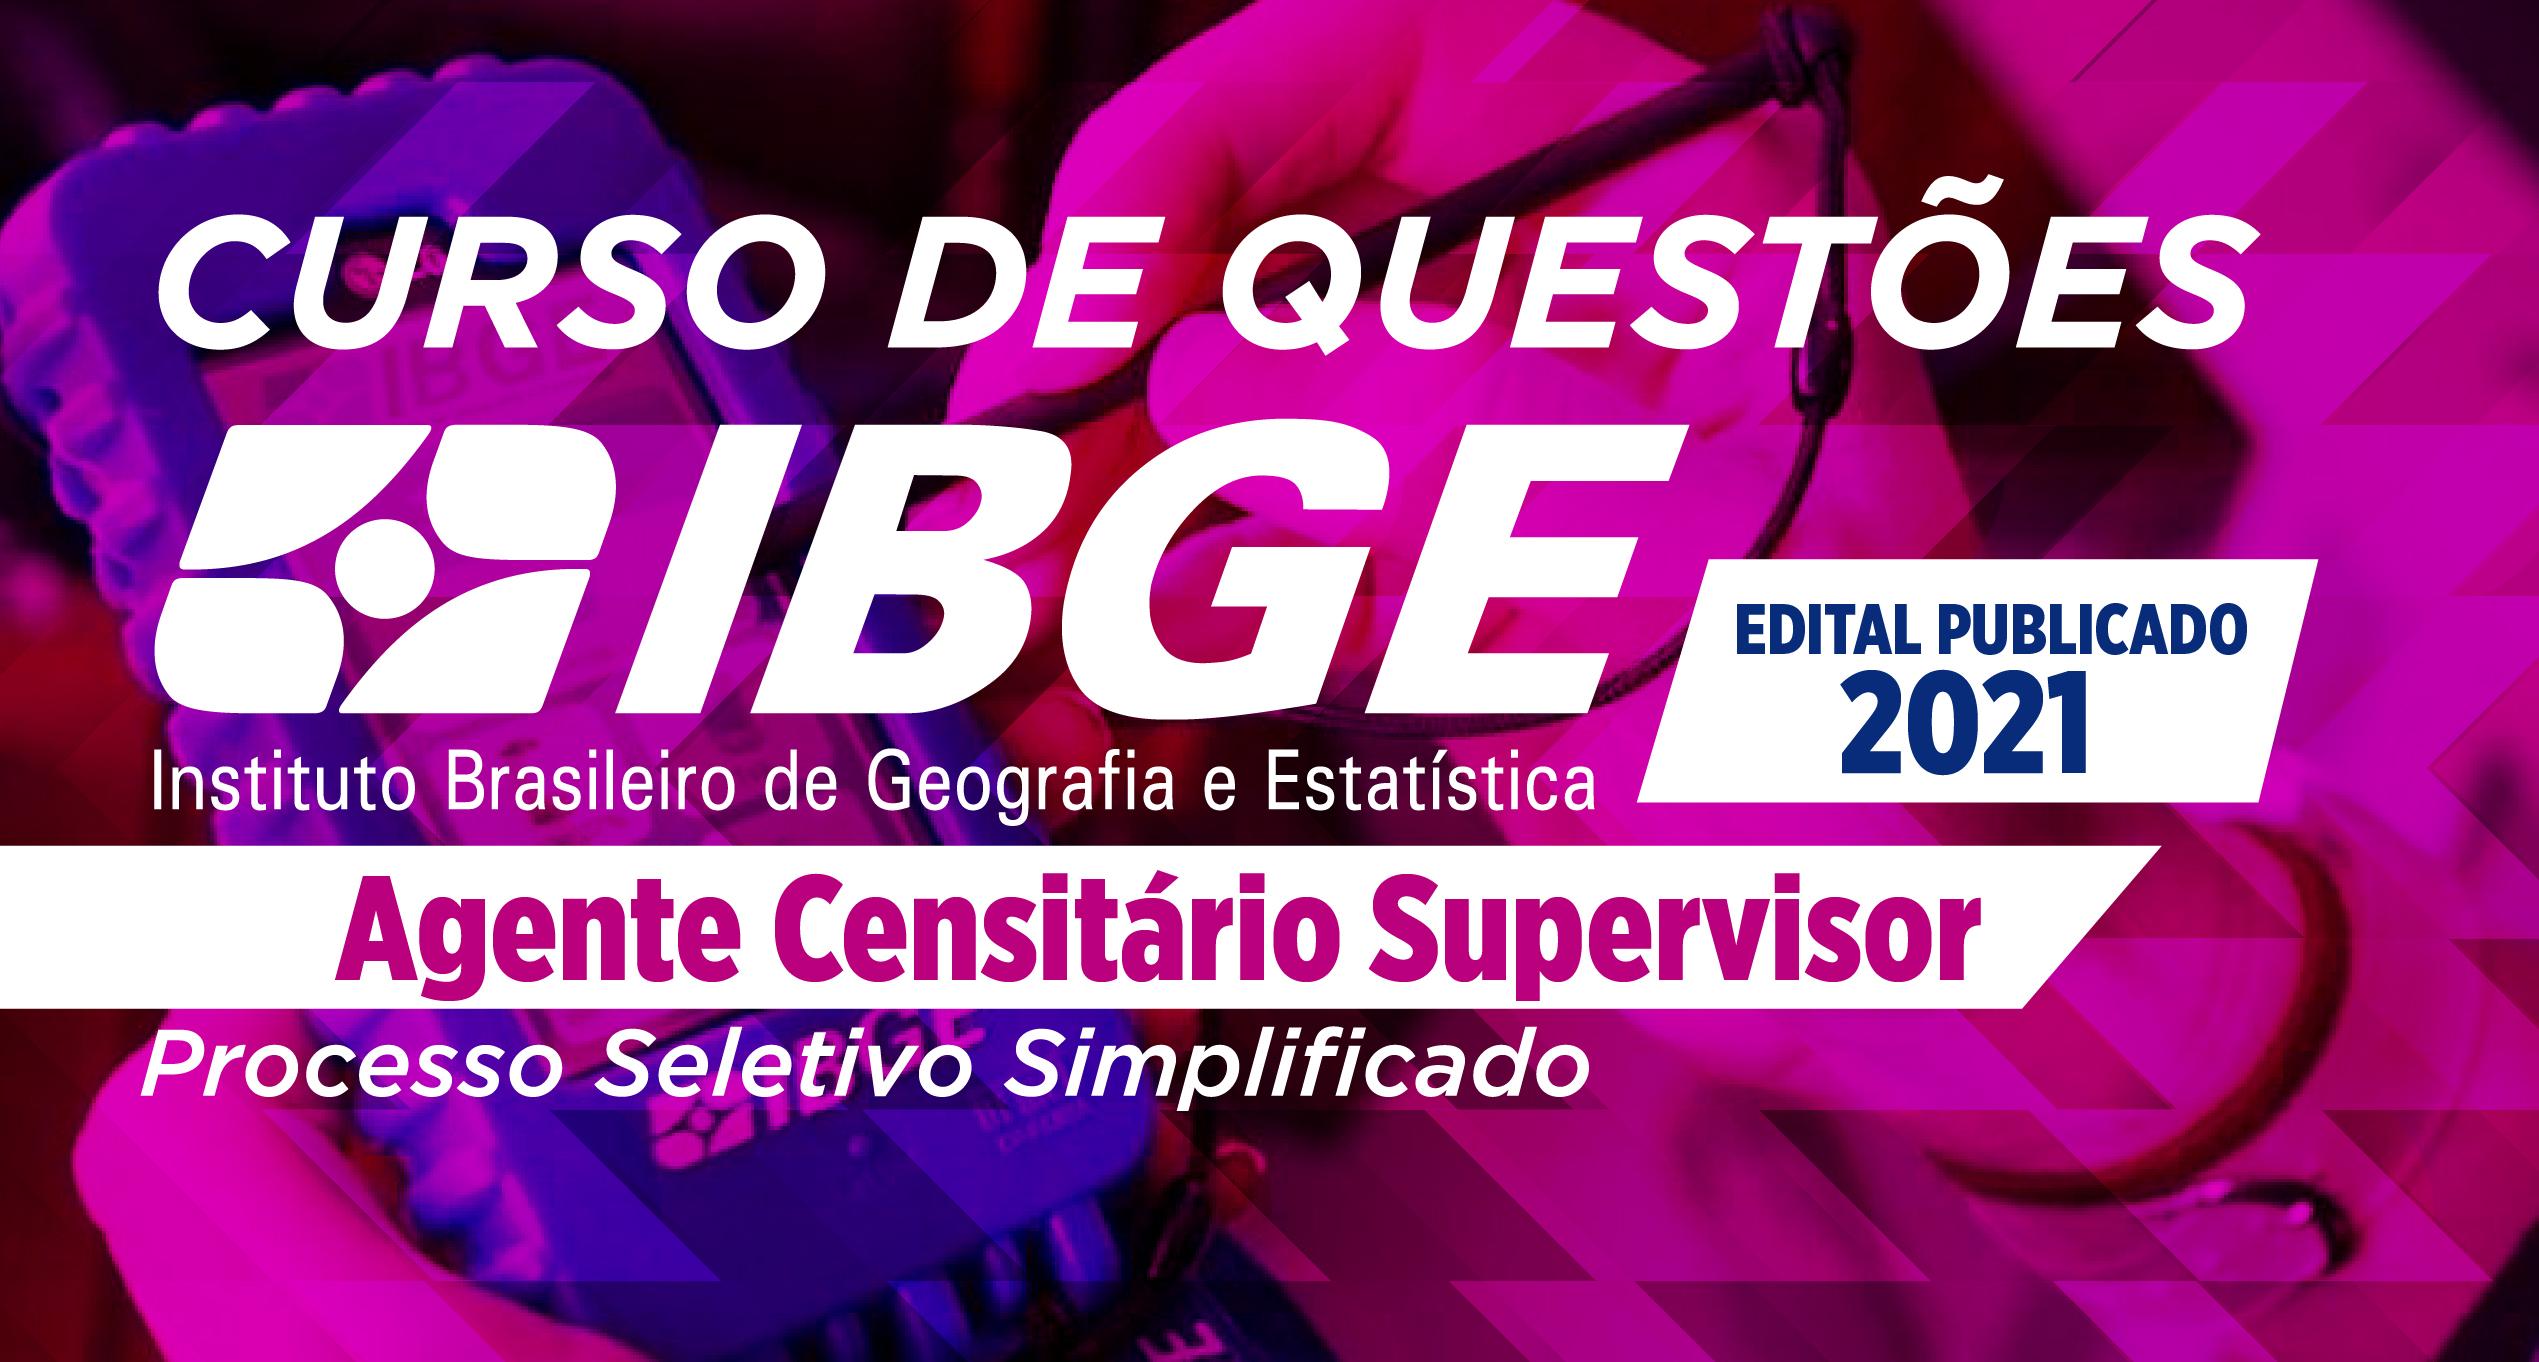 Questões - IBGE - Agente Censitário - Supervisor